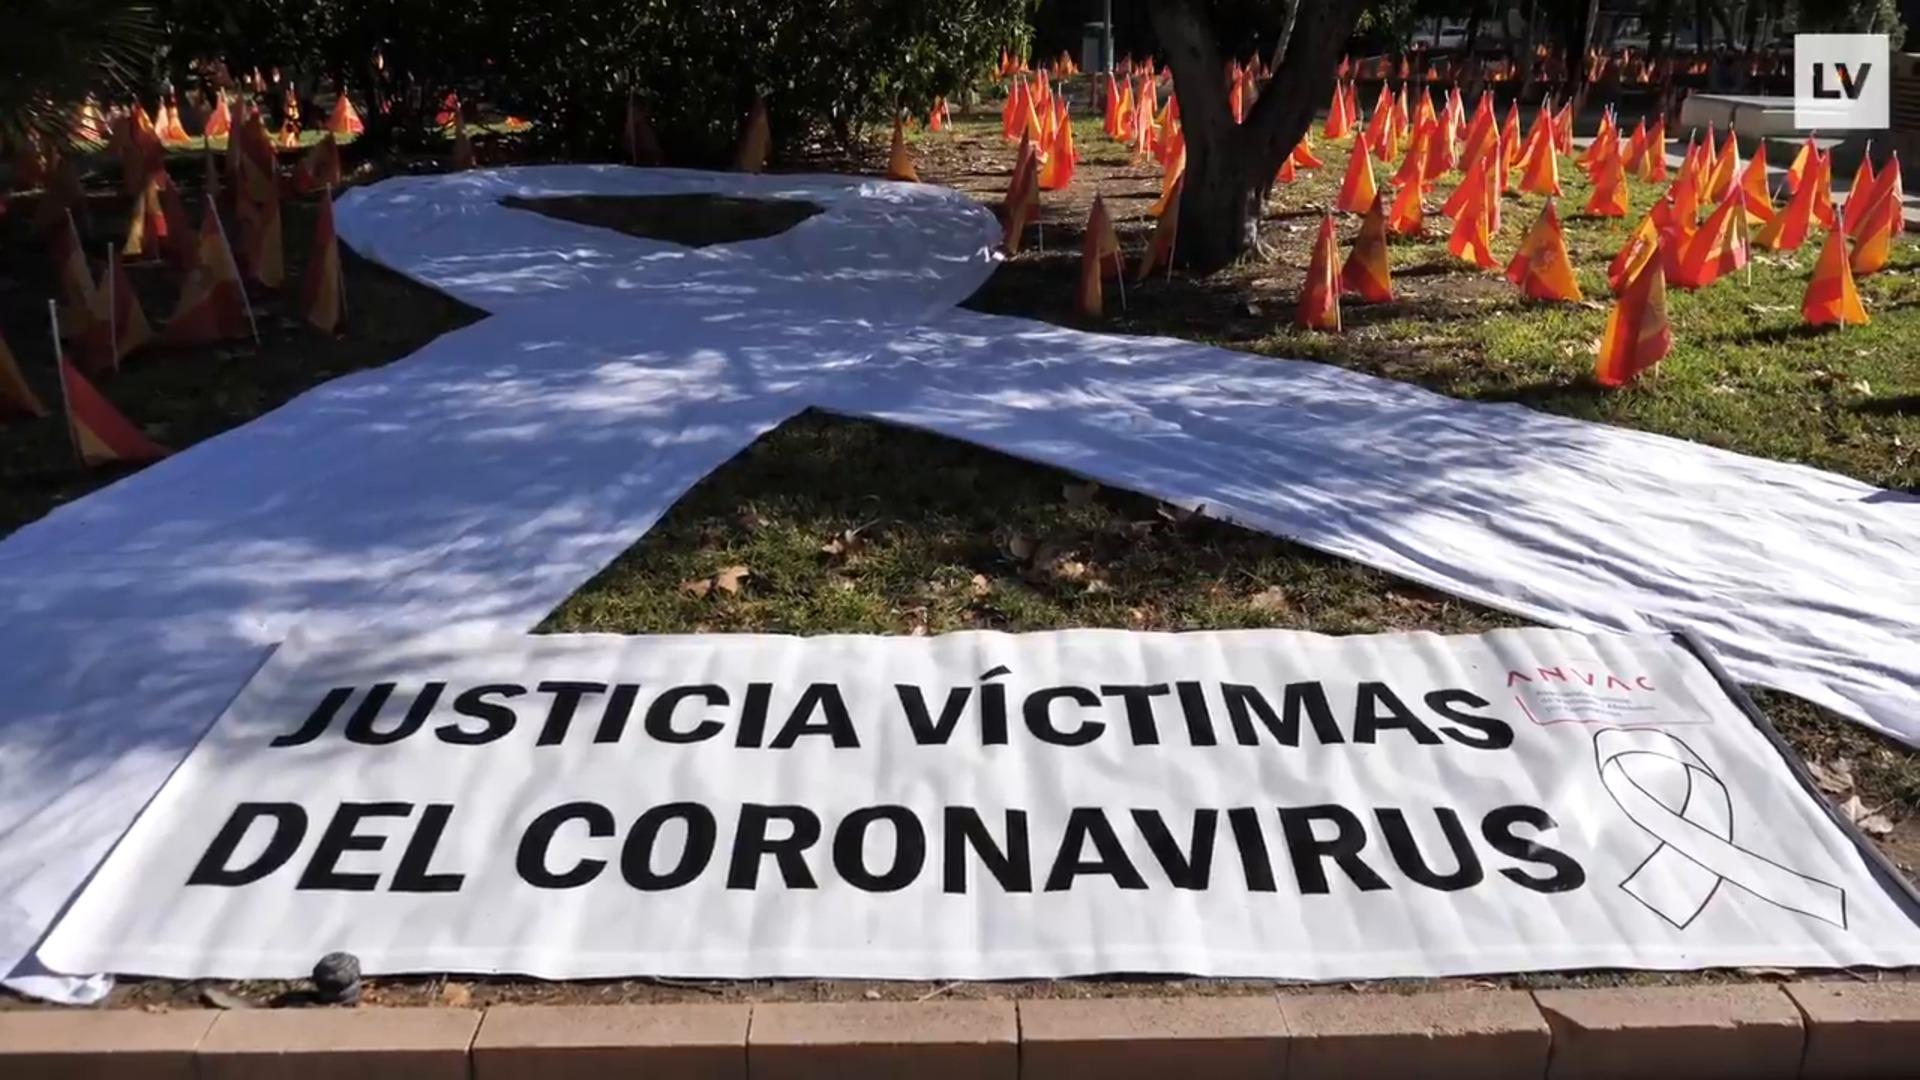 Manifiesto de la Anvac y minuto de silencio en Murcia por las víctimas del coronavirus